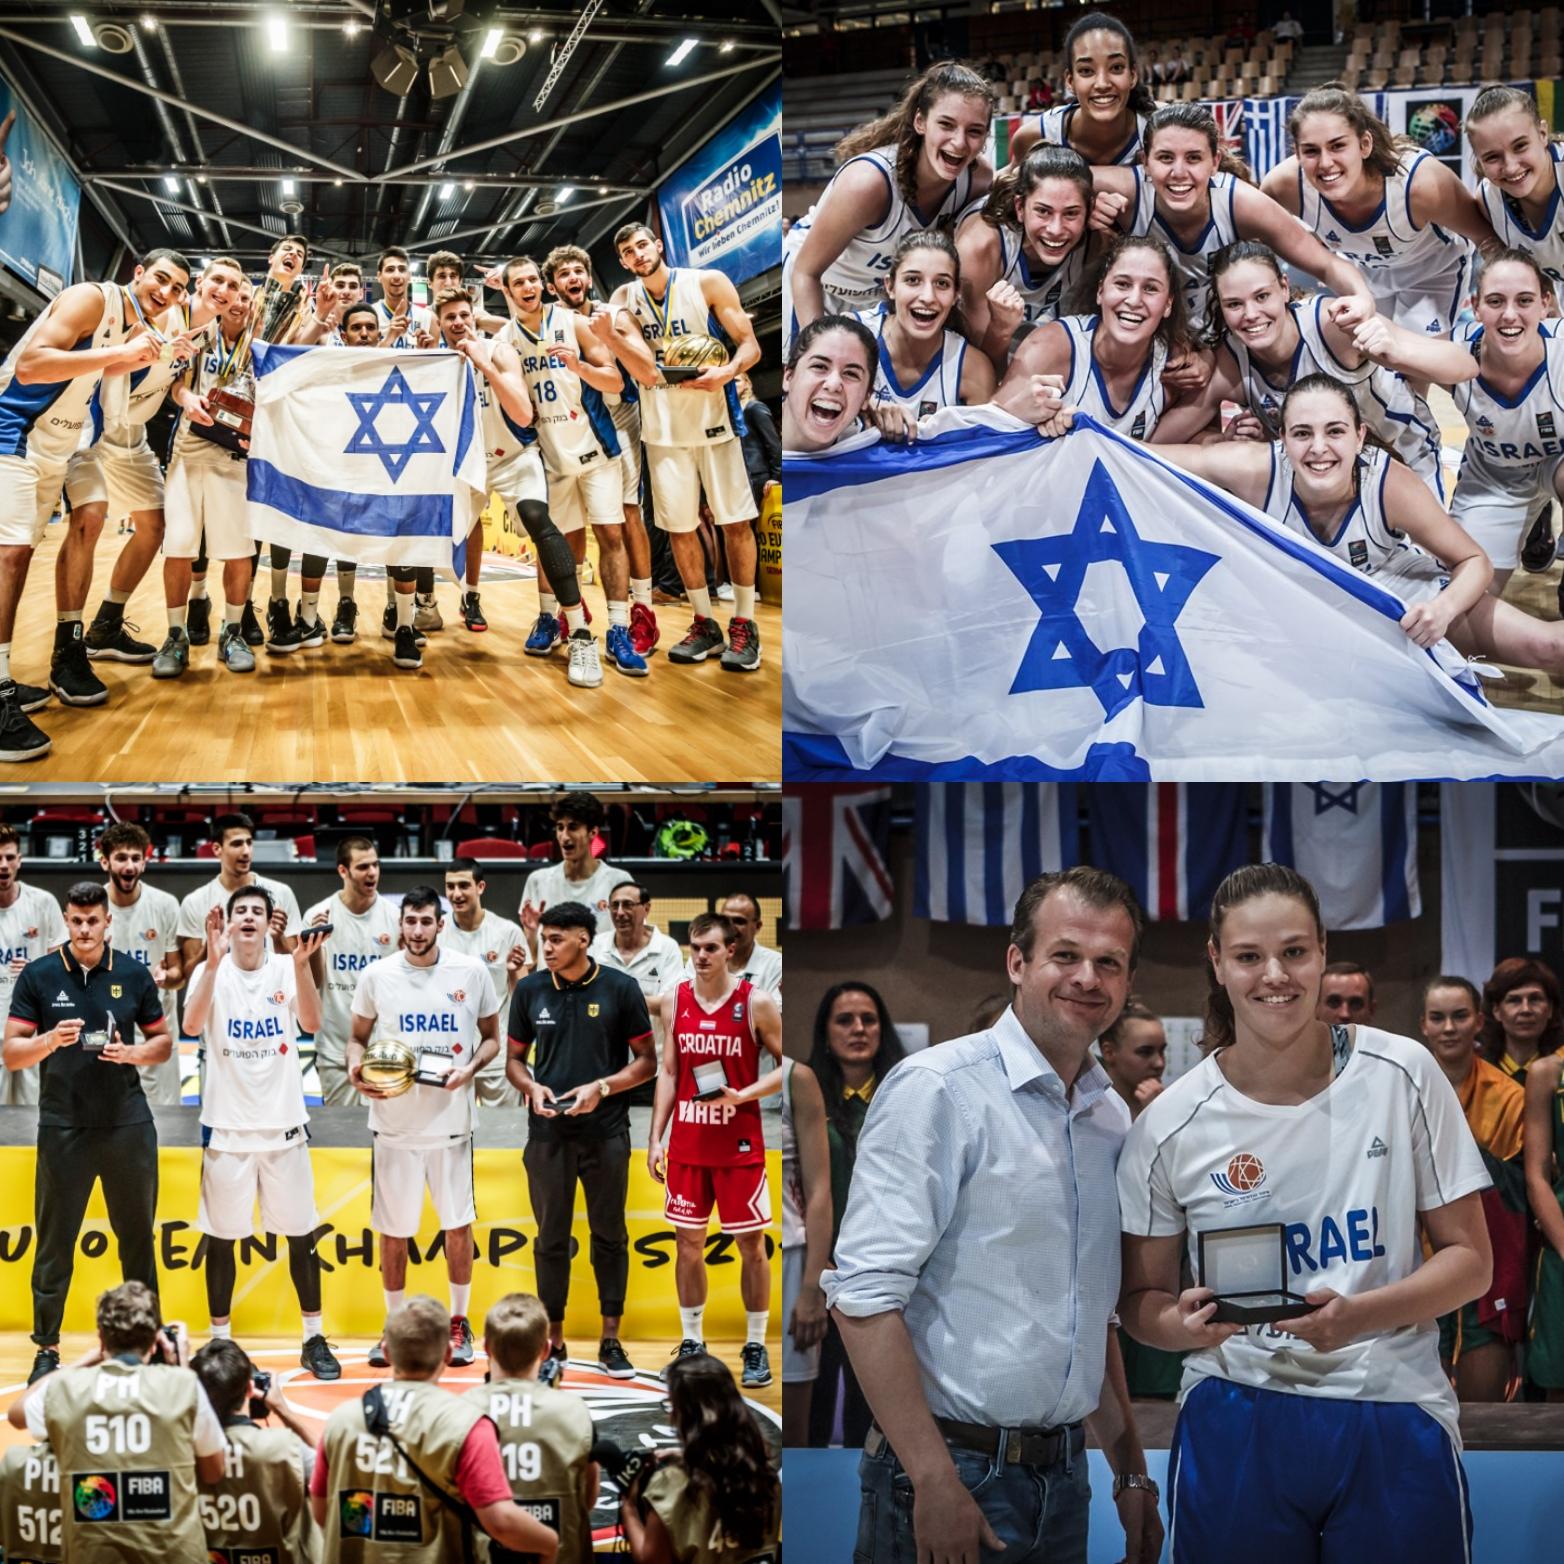 הנבחרות הצעירות של ישראל סיימו את הקיץ במאזן של 32 ניצחונות לעומת 13 הפסדים